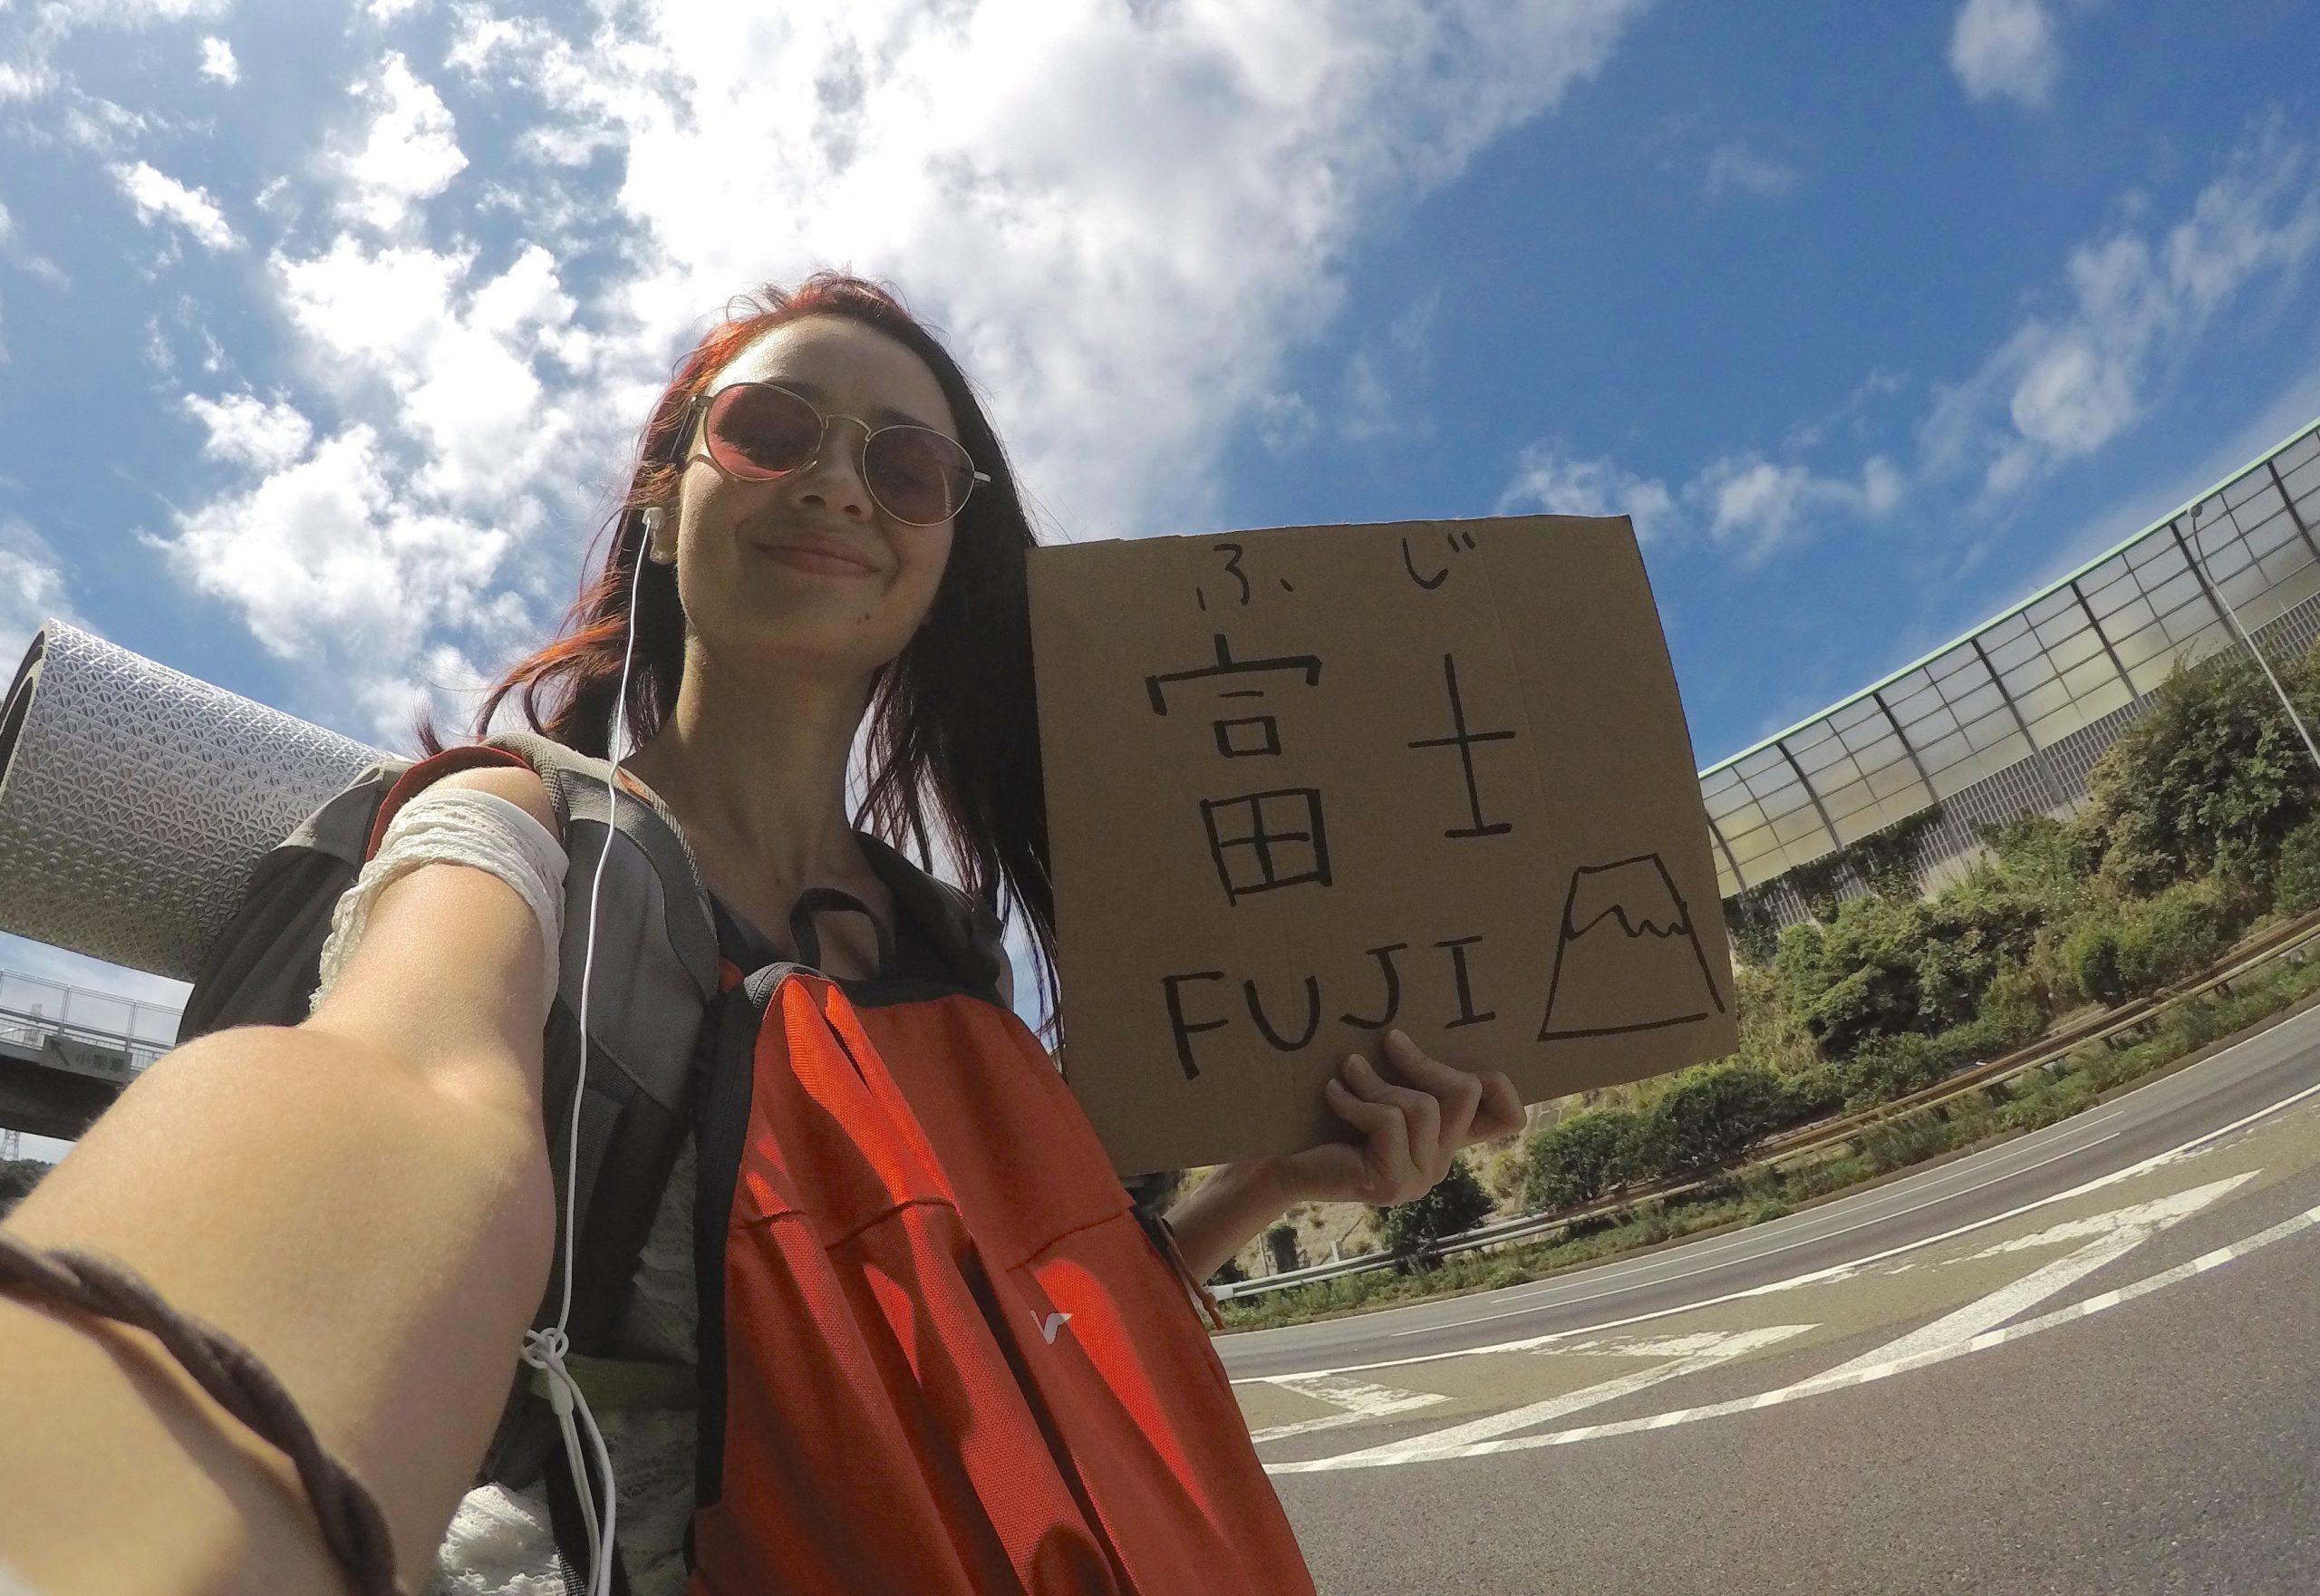 Japonya'da Otostop Rehberi ve Ulaşım